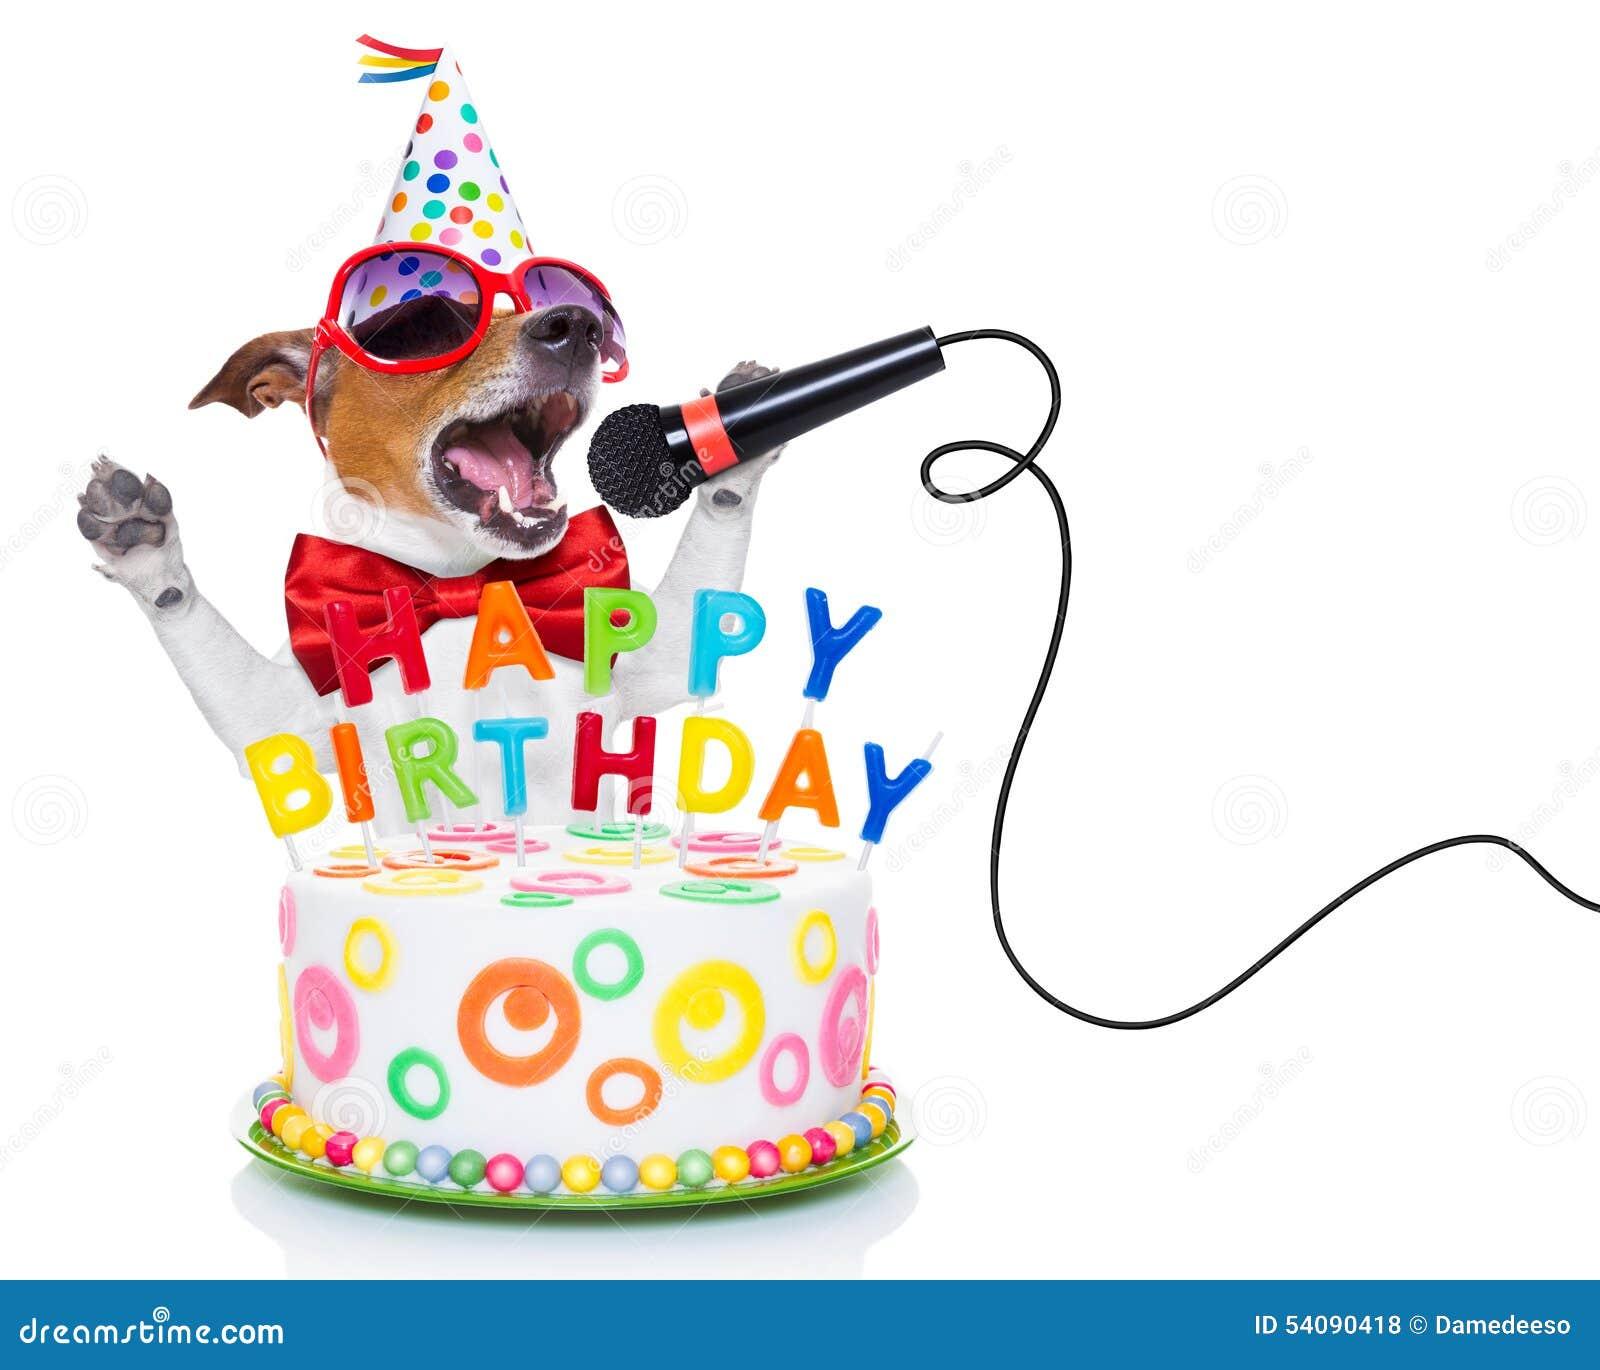 Alles Gute zum Geburtstaghund